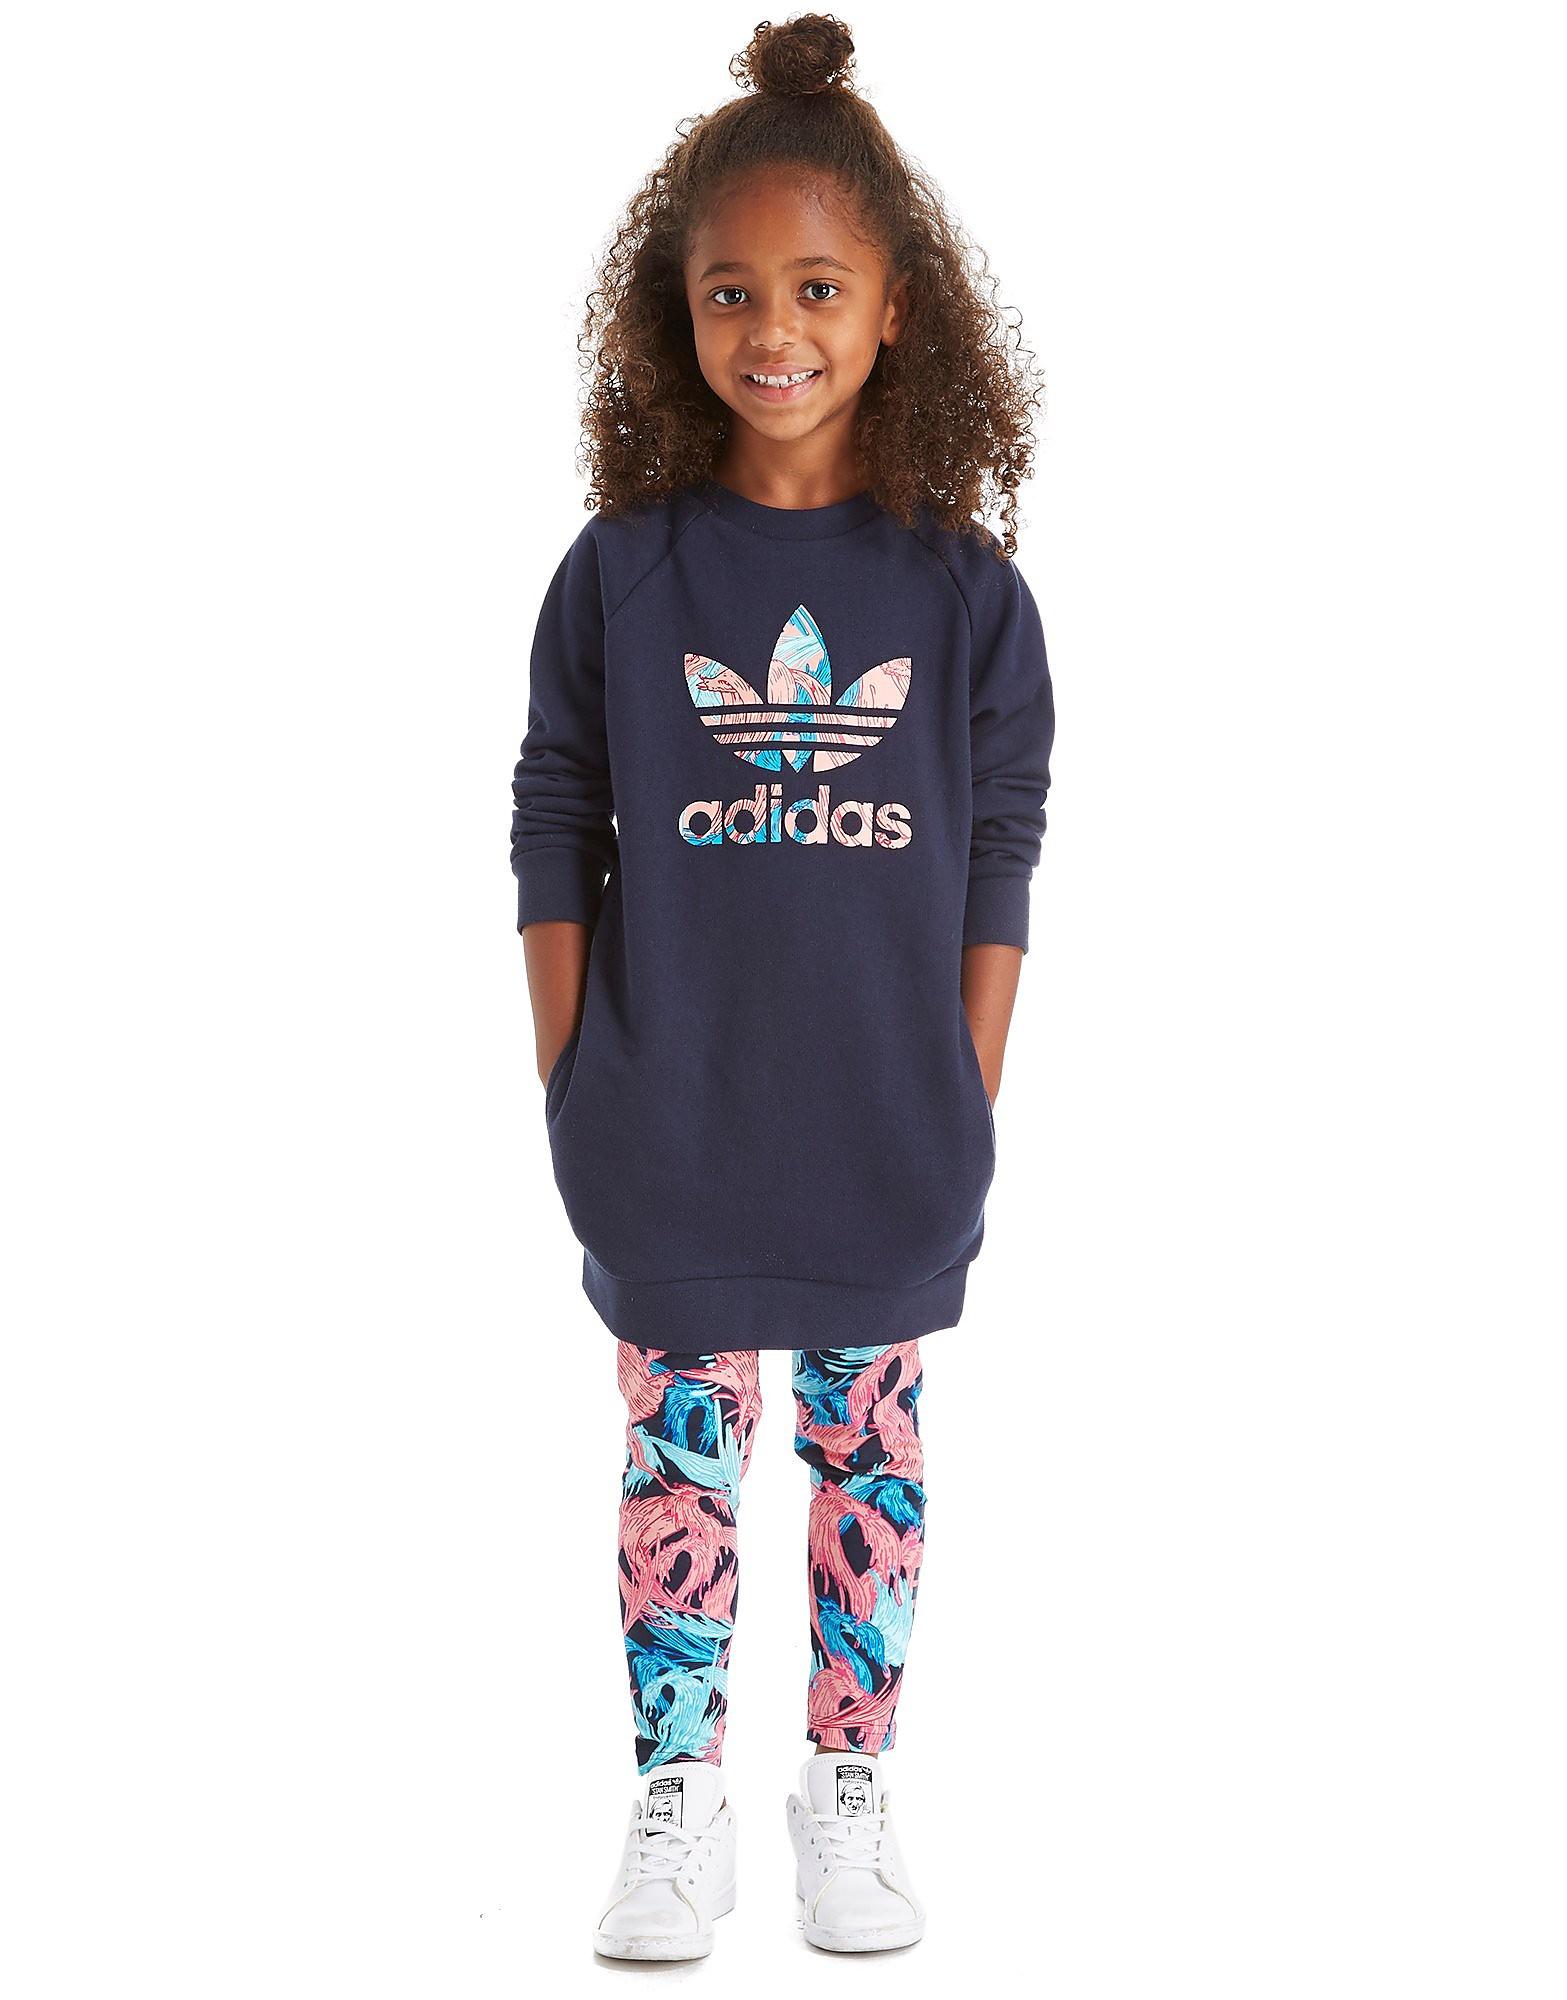 adidas Originals Girls Feather Crew Set Children